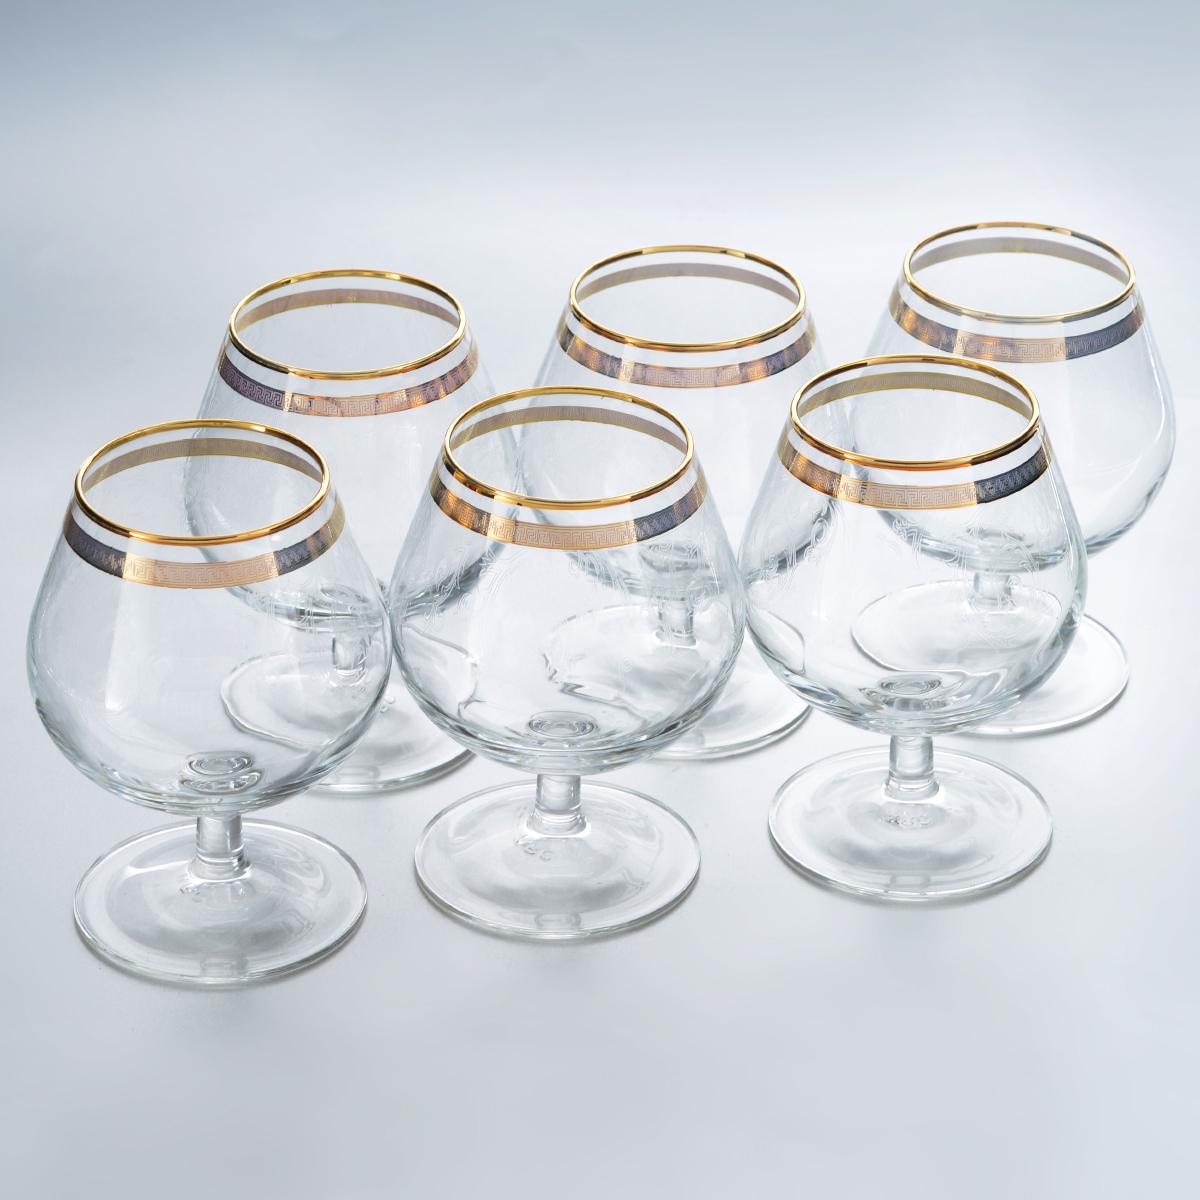 Набор бокалов для бренди Гусь-Хрустальный Каскад, 250 мл, 6 штVT-1520(SR)Набор Гусь-Хрустальный Каскад состоит из 6 бокалов на низкой тонкой ножке, изготовленных из высококачественного натрий-кальций-силикатного стекла. Изделия оформлены красивым зеркальным покрытием, окантовкой с оригинальным узором и прозрачным орнаментом. Бокалы предназначены для подачи бренди. Такой набор прекрасно дополнит праздничный стол и станет желанным подарком в любом доме. Разрешается мыть в посудомоечной машине. Диаметр бокала (по верхнему краю): 5,5 см. Высота бокала: 11 см. Диаметр основания бокала: 6,5 см.